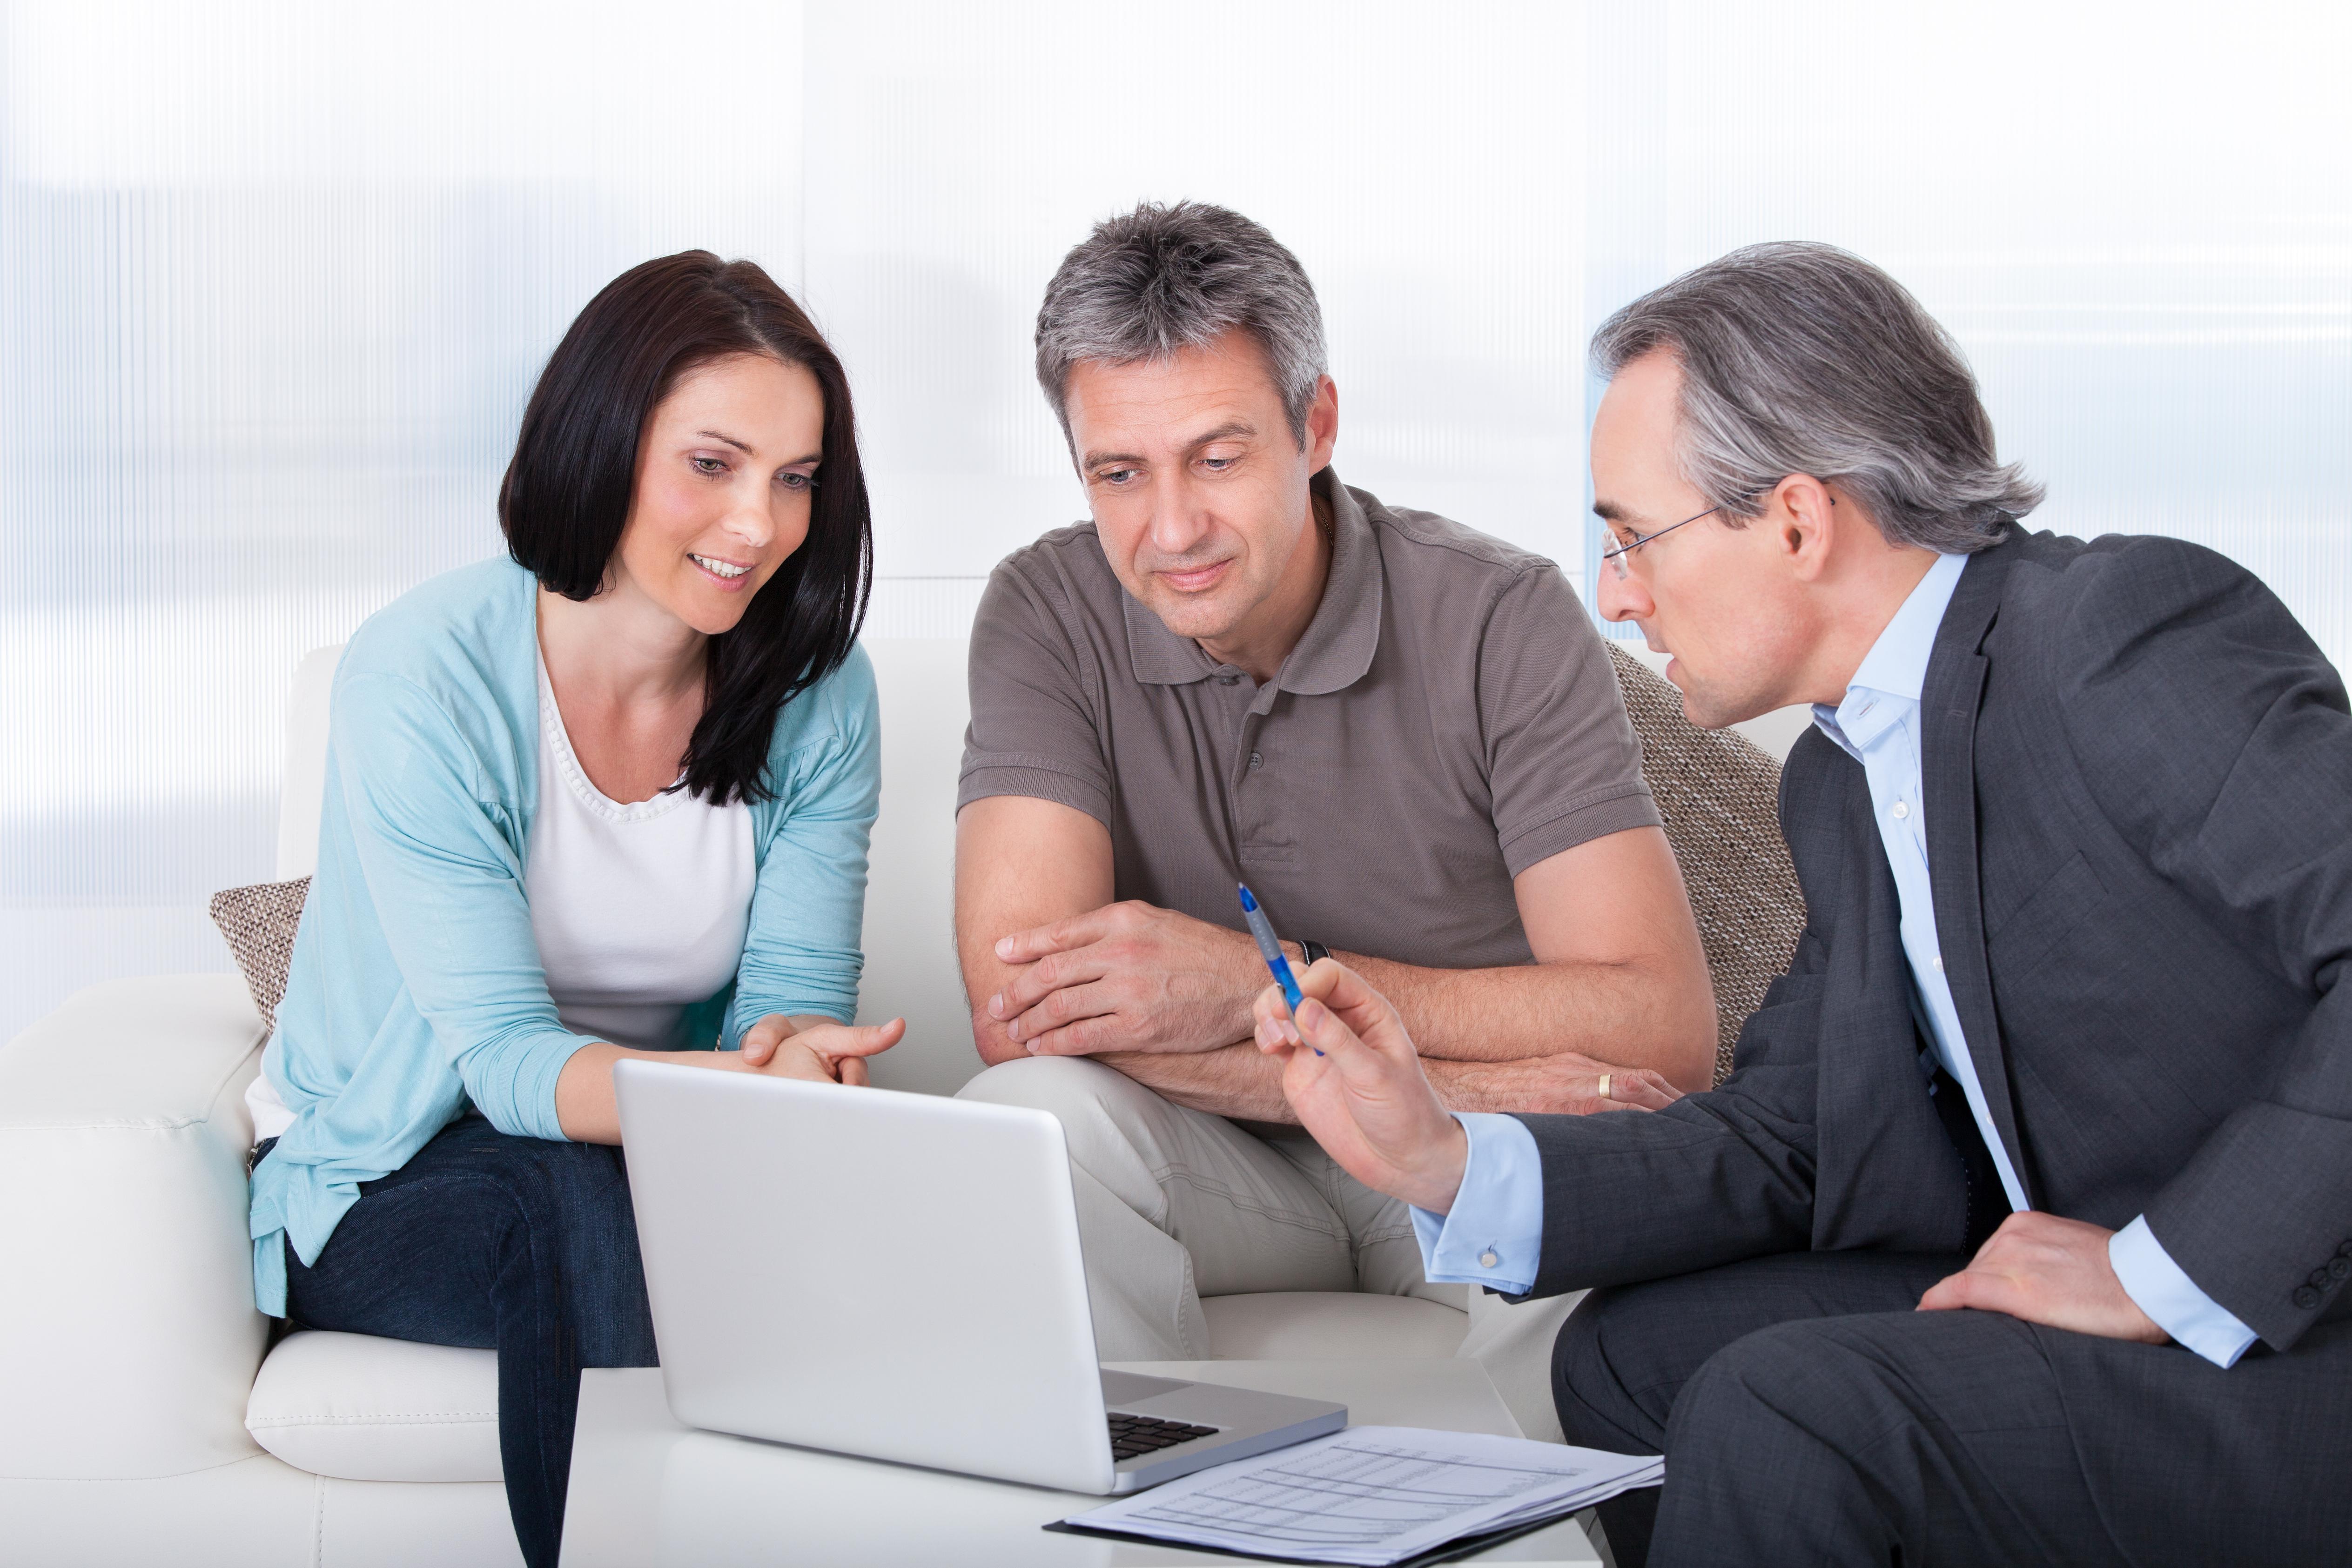 Las 5 ventajas principales de contratar a un asesor financiero personal